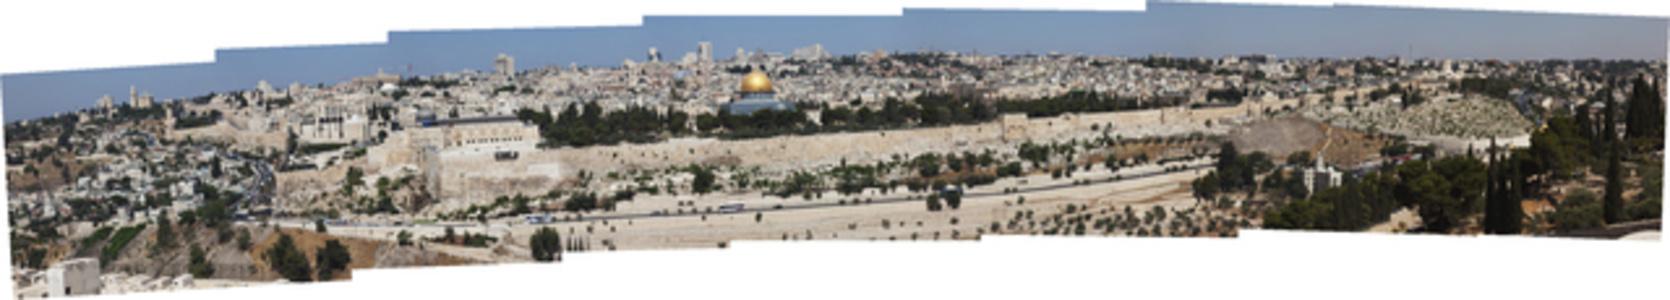 Old City Walls from Mount Olives, Jerusalem